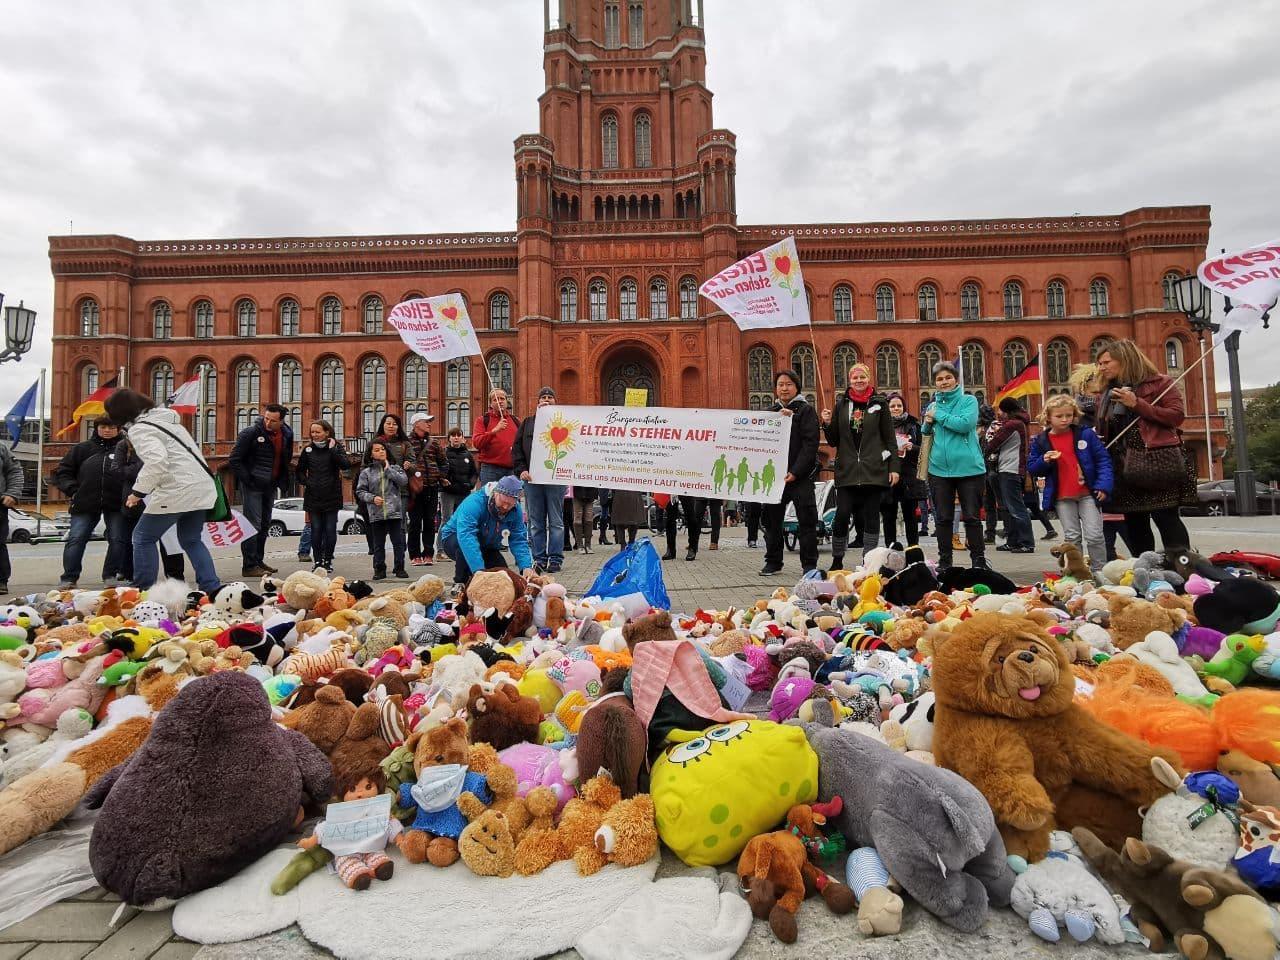 Eltern stehen auf Kuscheltieraktion vor dem Roten Rathaus